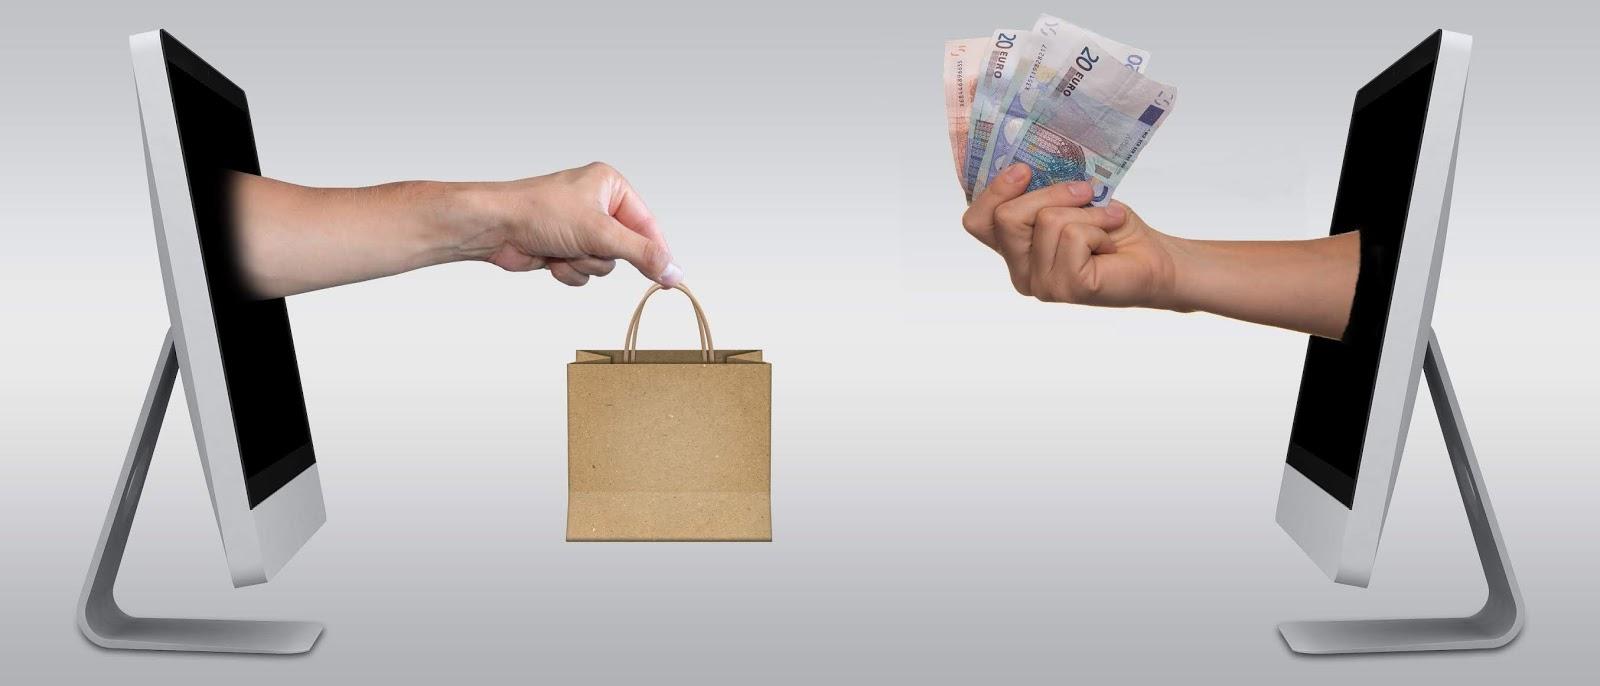 pengalaman belanja online 10 kg dan free ongkir